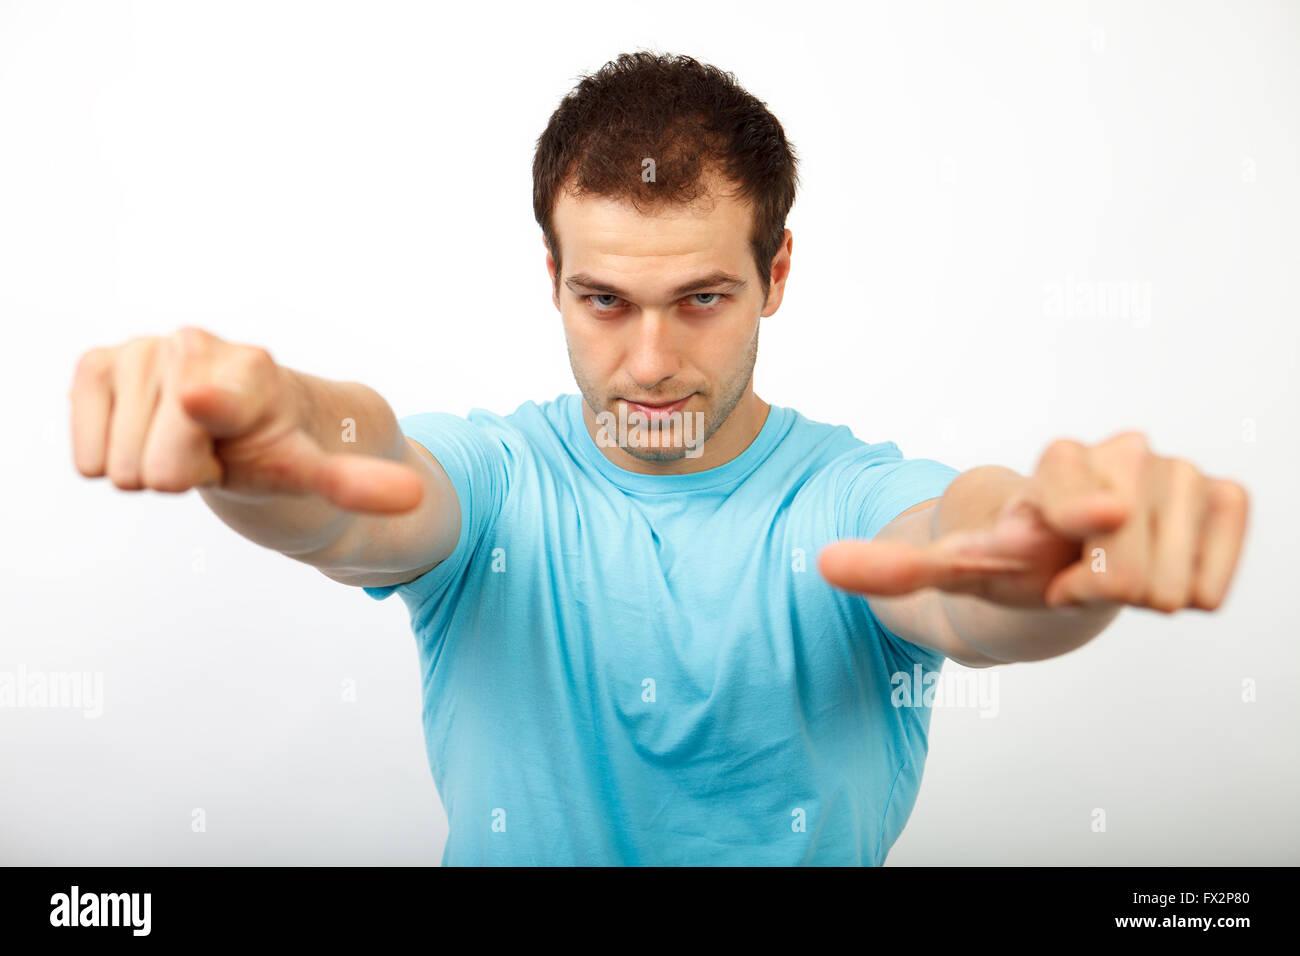 Scelta o concetto di prelievo - cool giovane uomo rivolto verso di te Immagini Stock